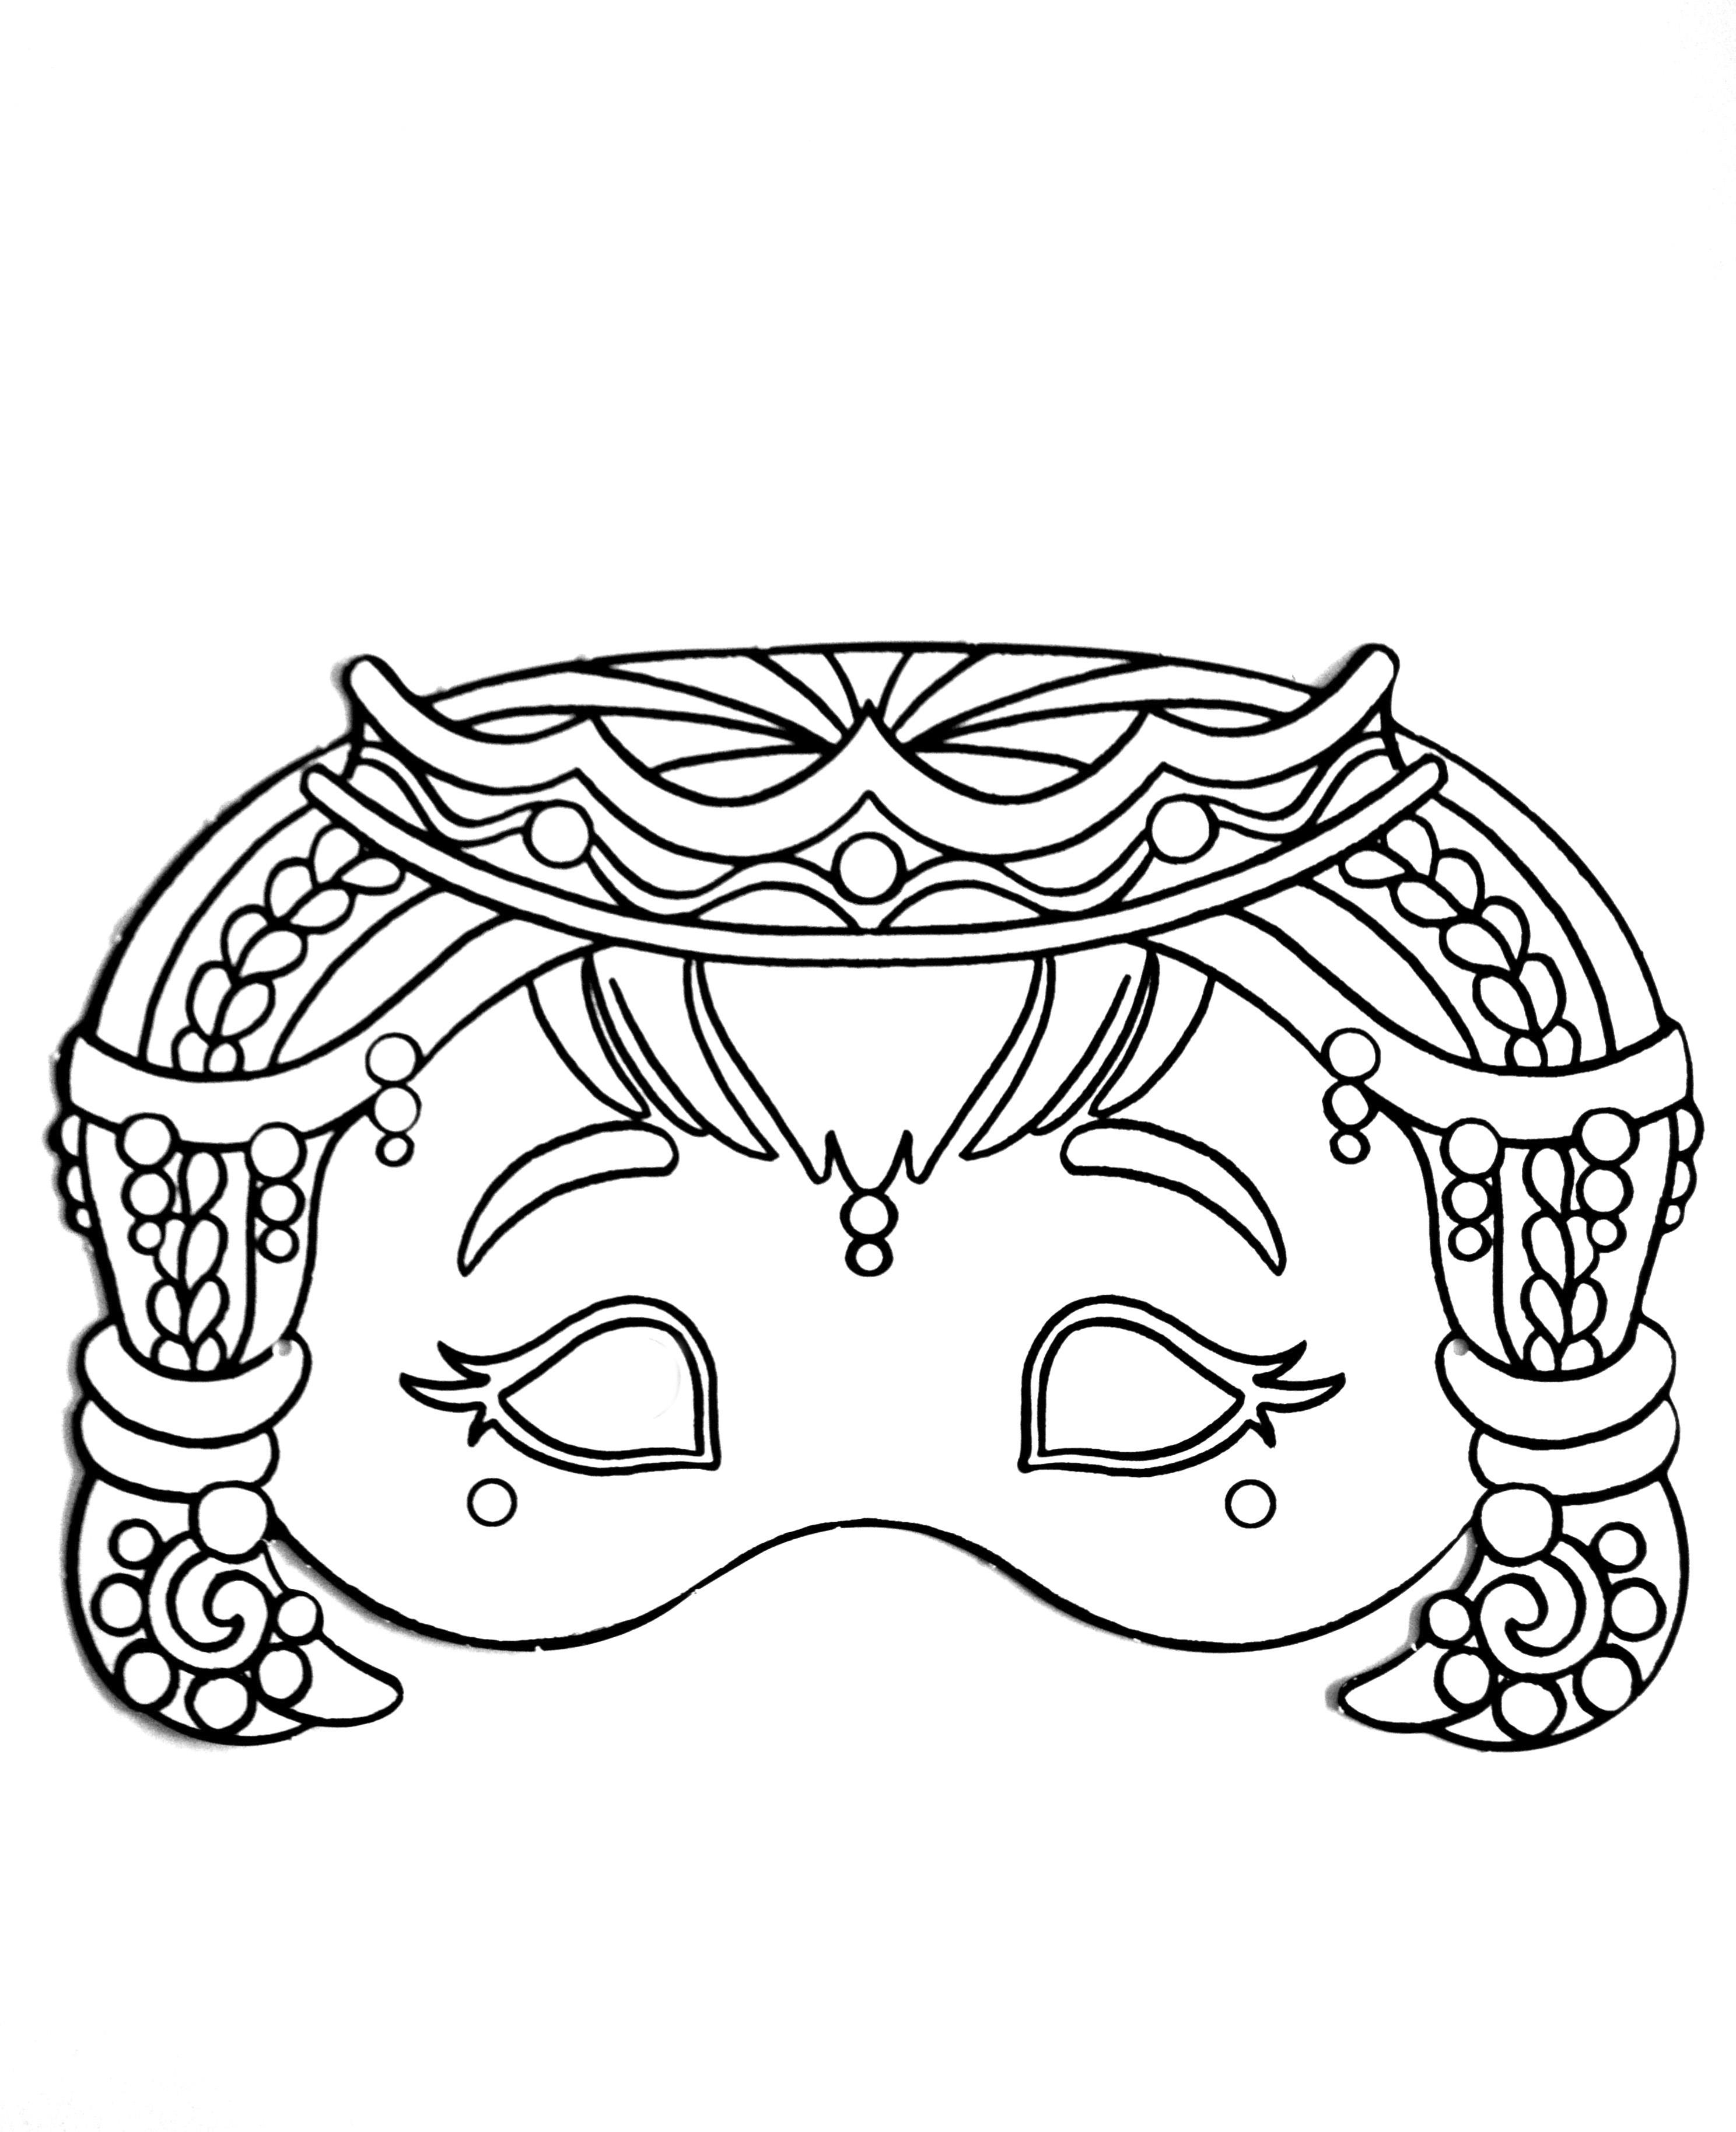 Masque Carnaval 1 Coloriage De Masques Coloriages Pour Enfants